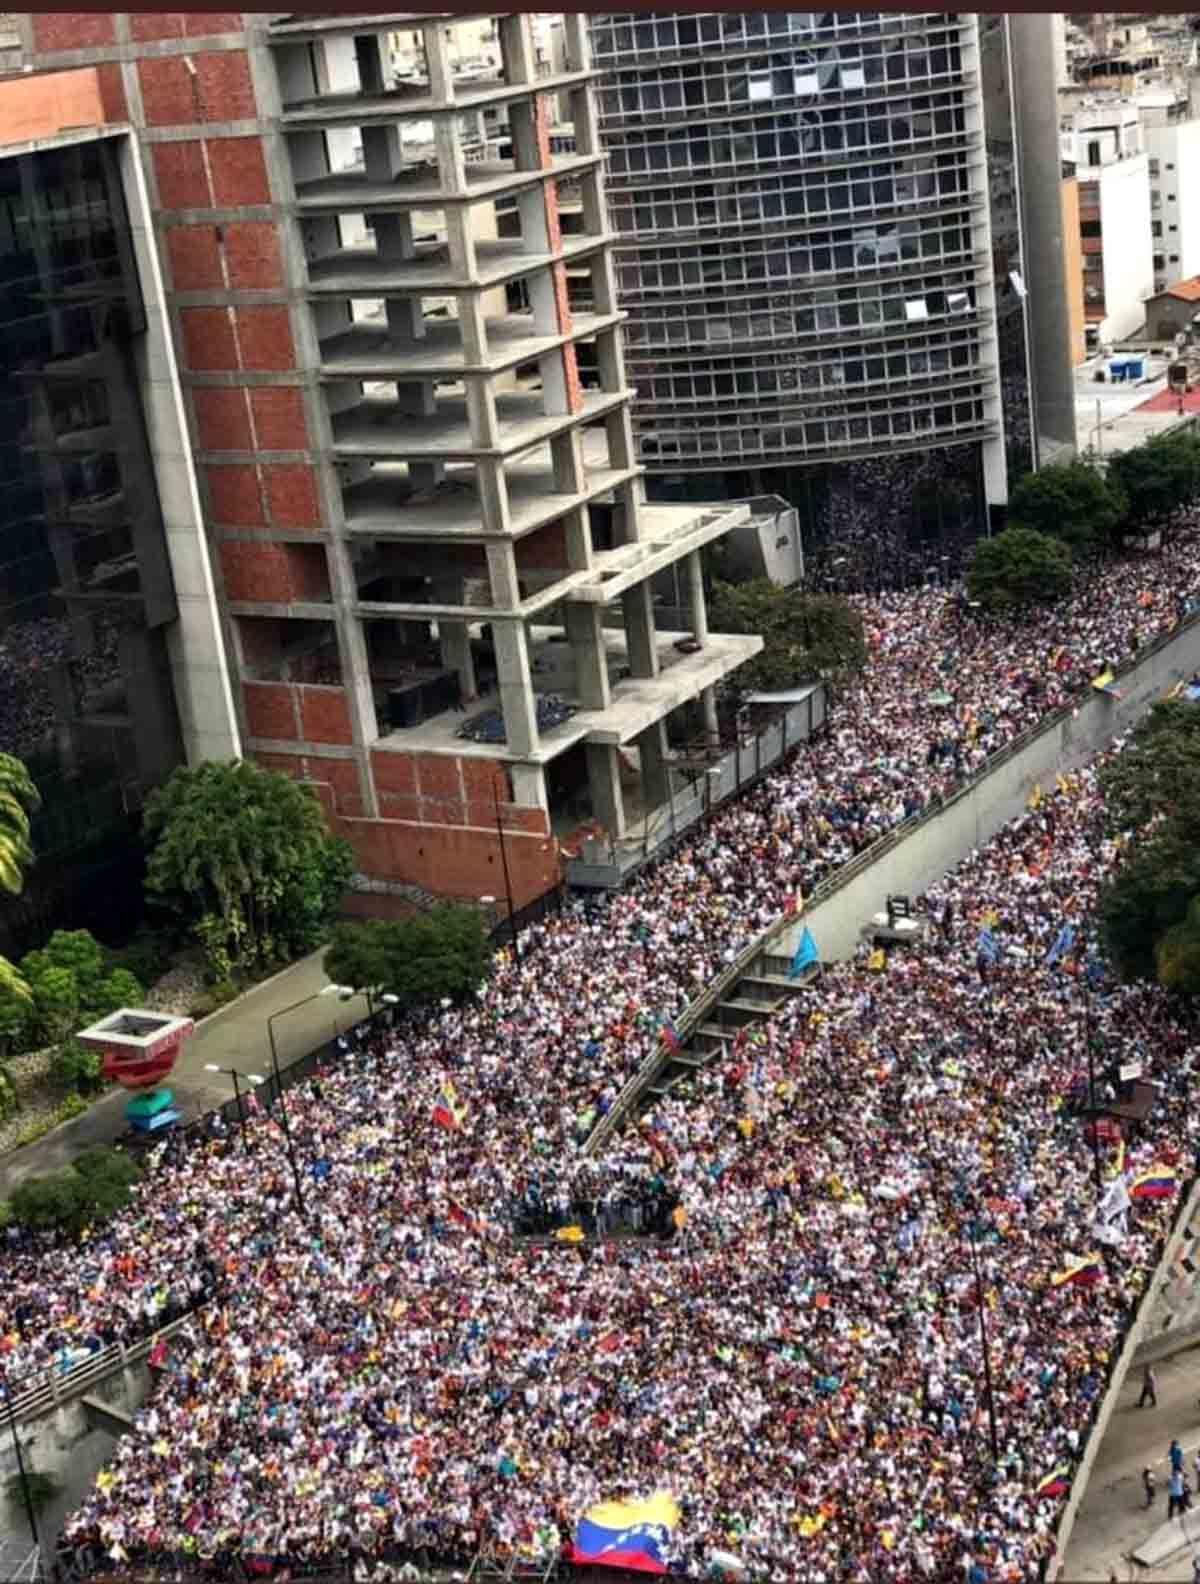 Gewaltige Menschenmenge, tausende, zehntausende, füllt eine breite Straße in Caracas.